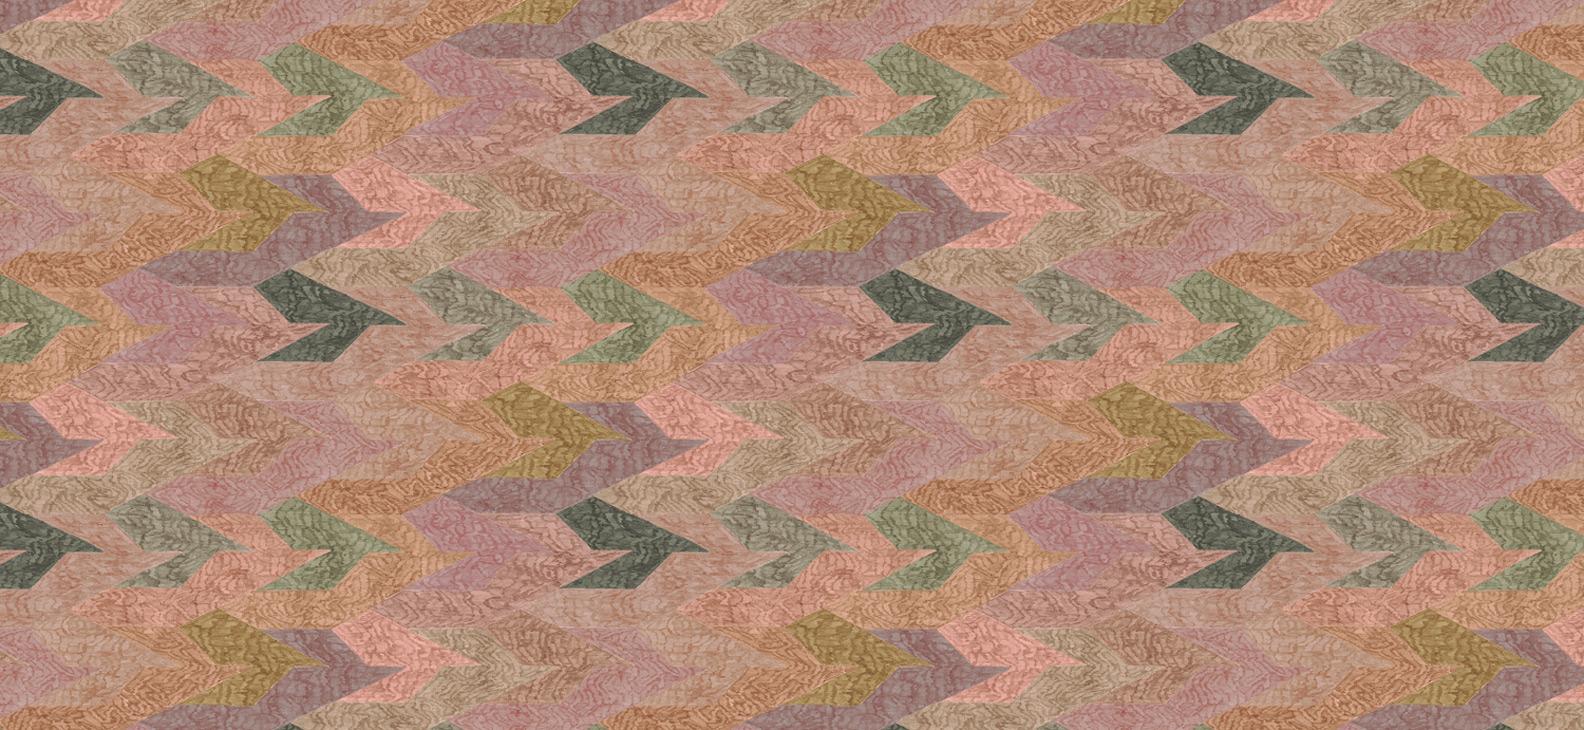 Papier Peint Ressource, Collection Faune & Flore, Motif Nuée, Variation NP06